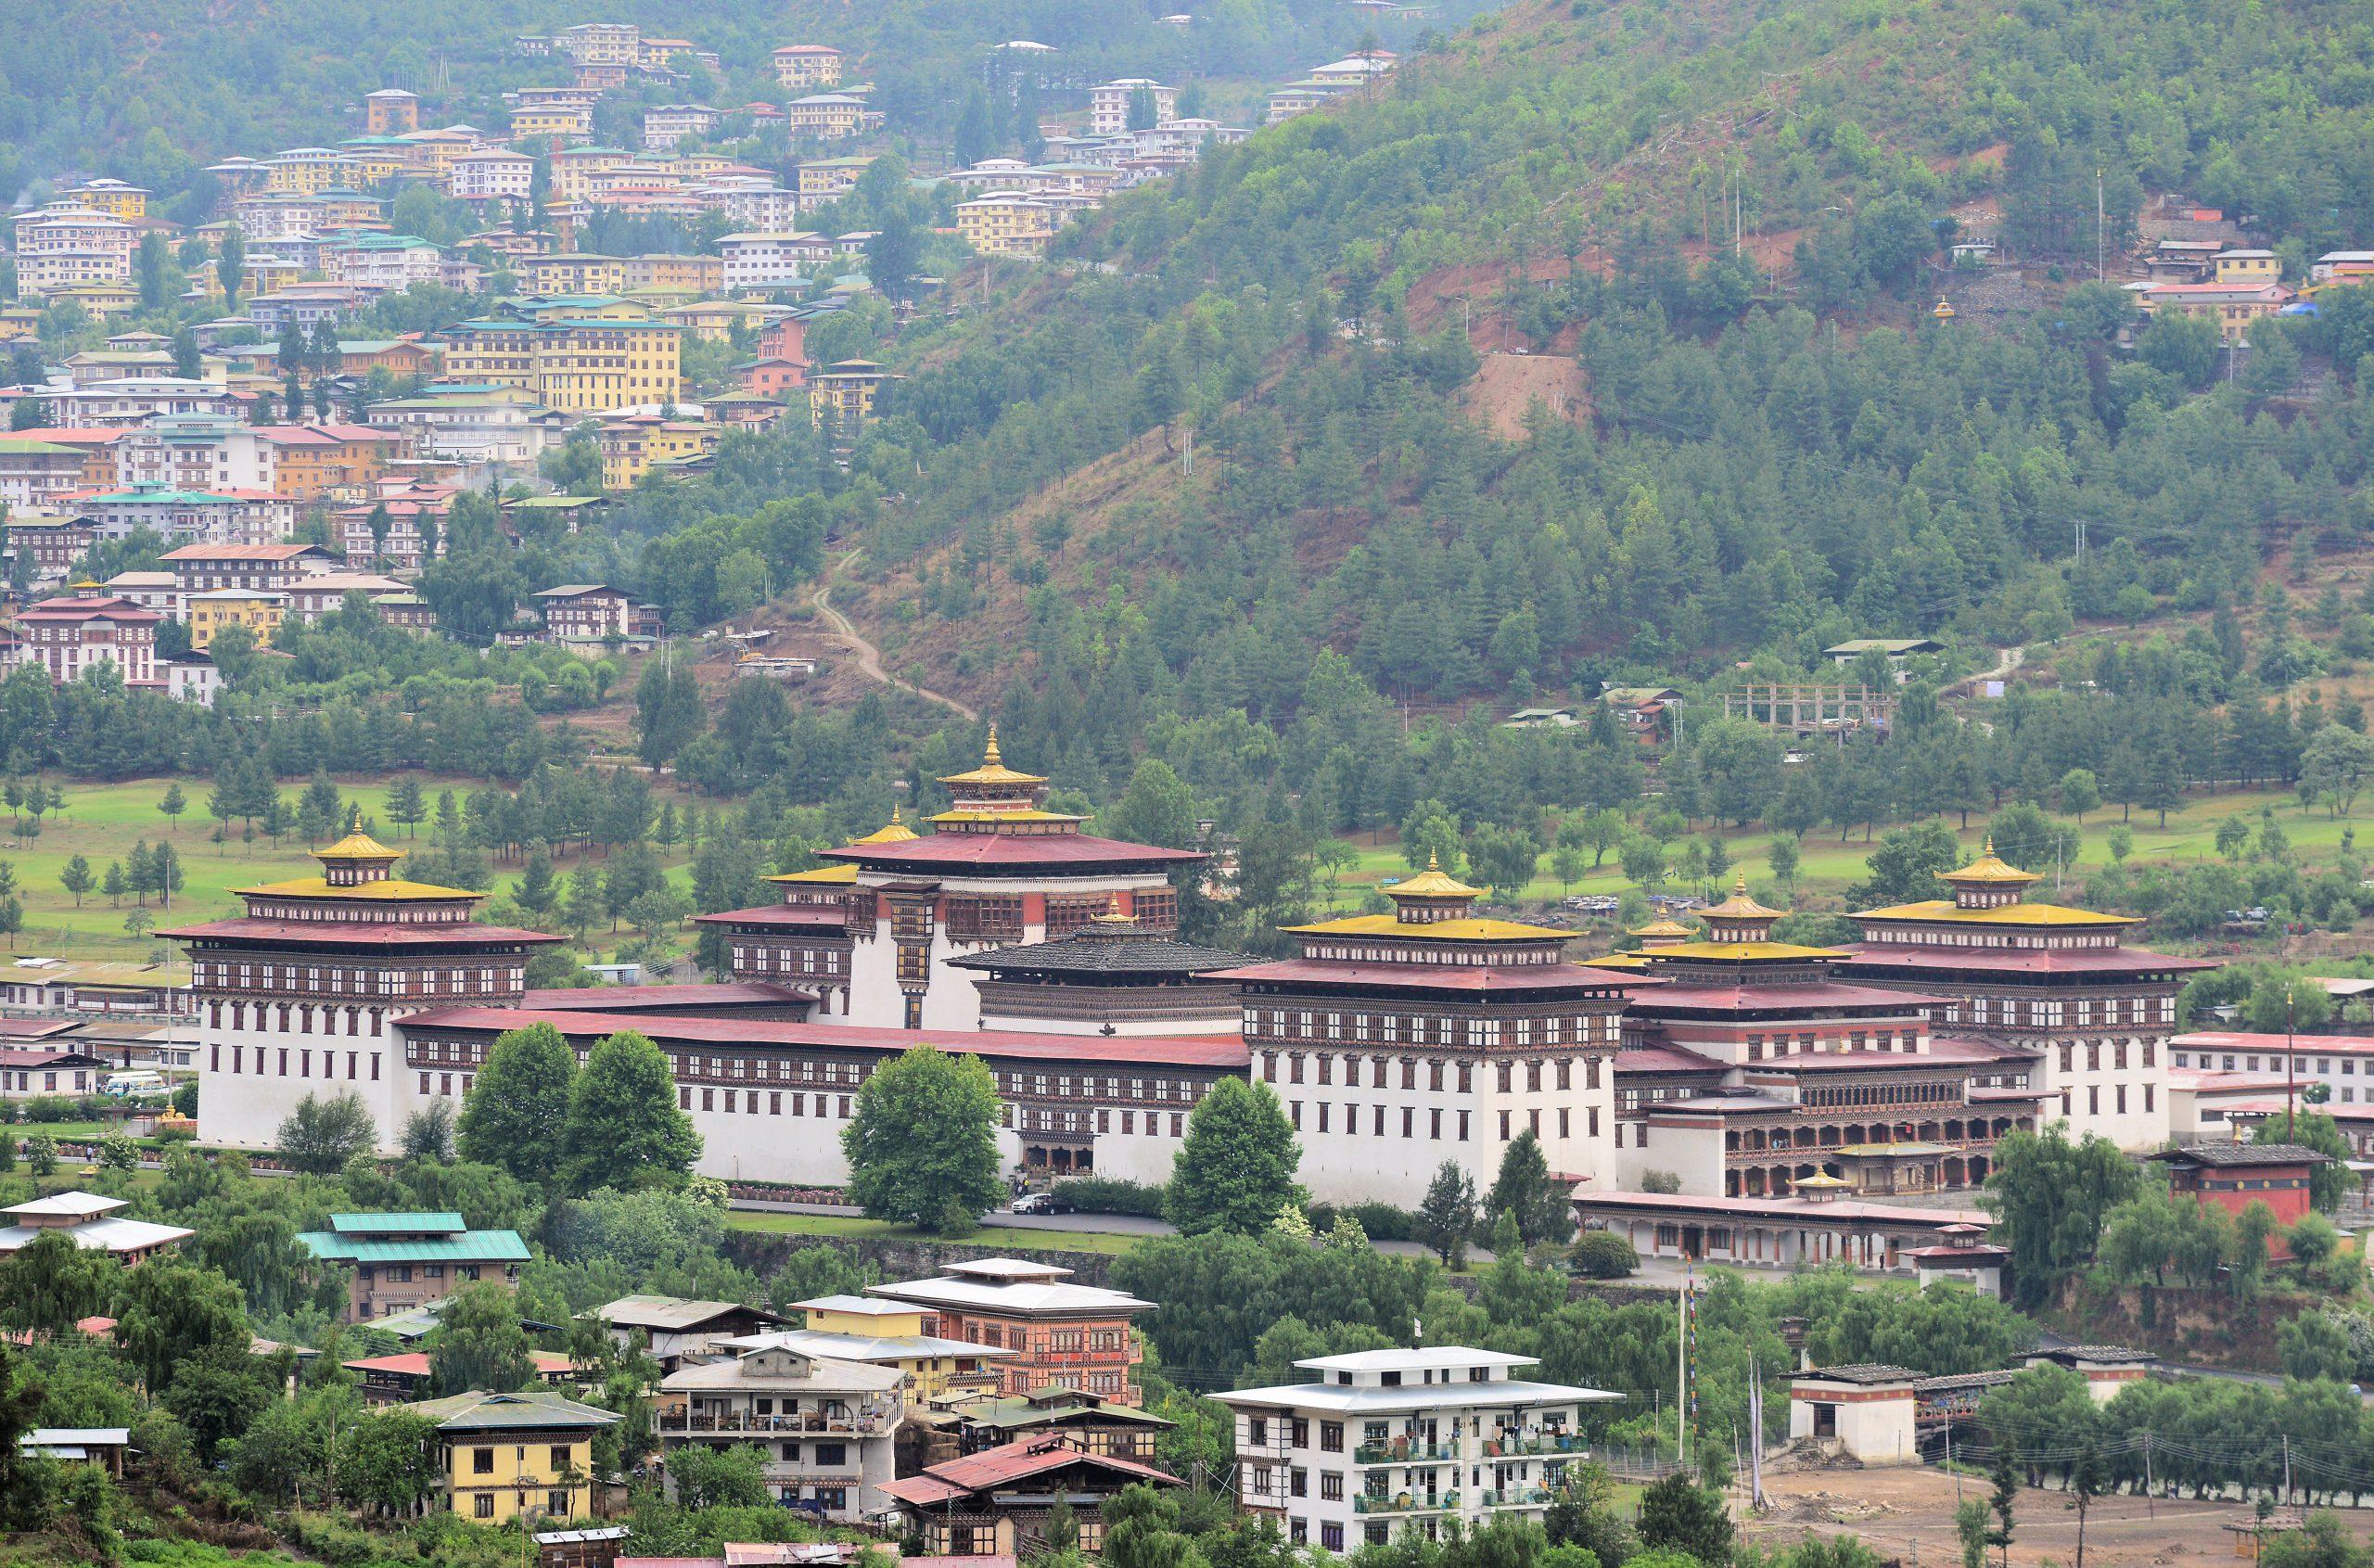 Gambar 1 Keadaan alam Bhutan yang masih asri dan hijau.